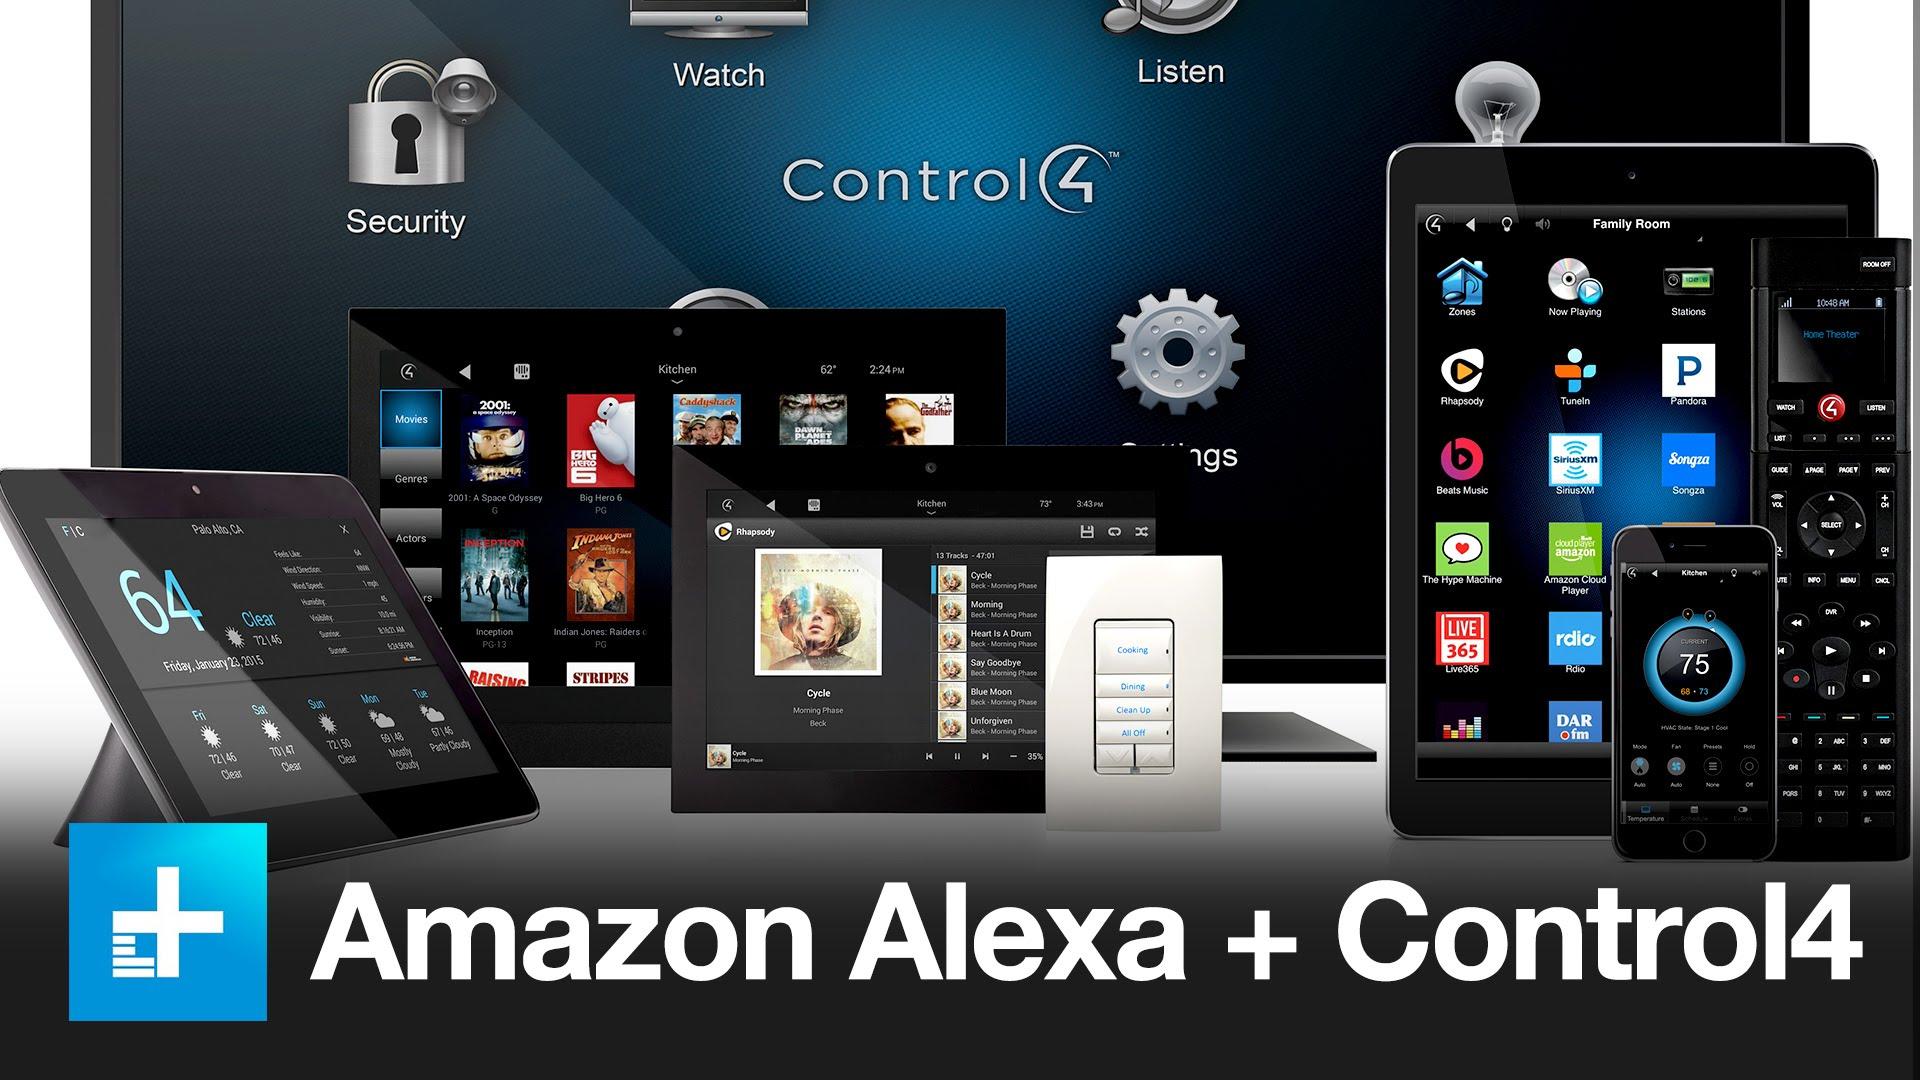 Alexa+Control4